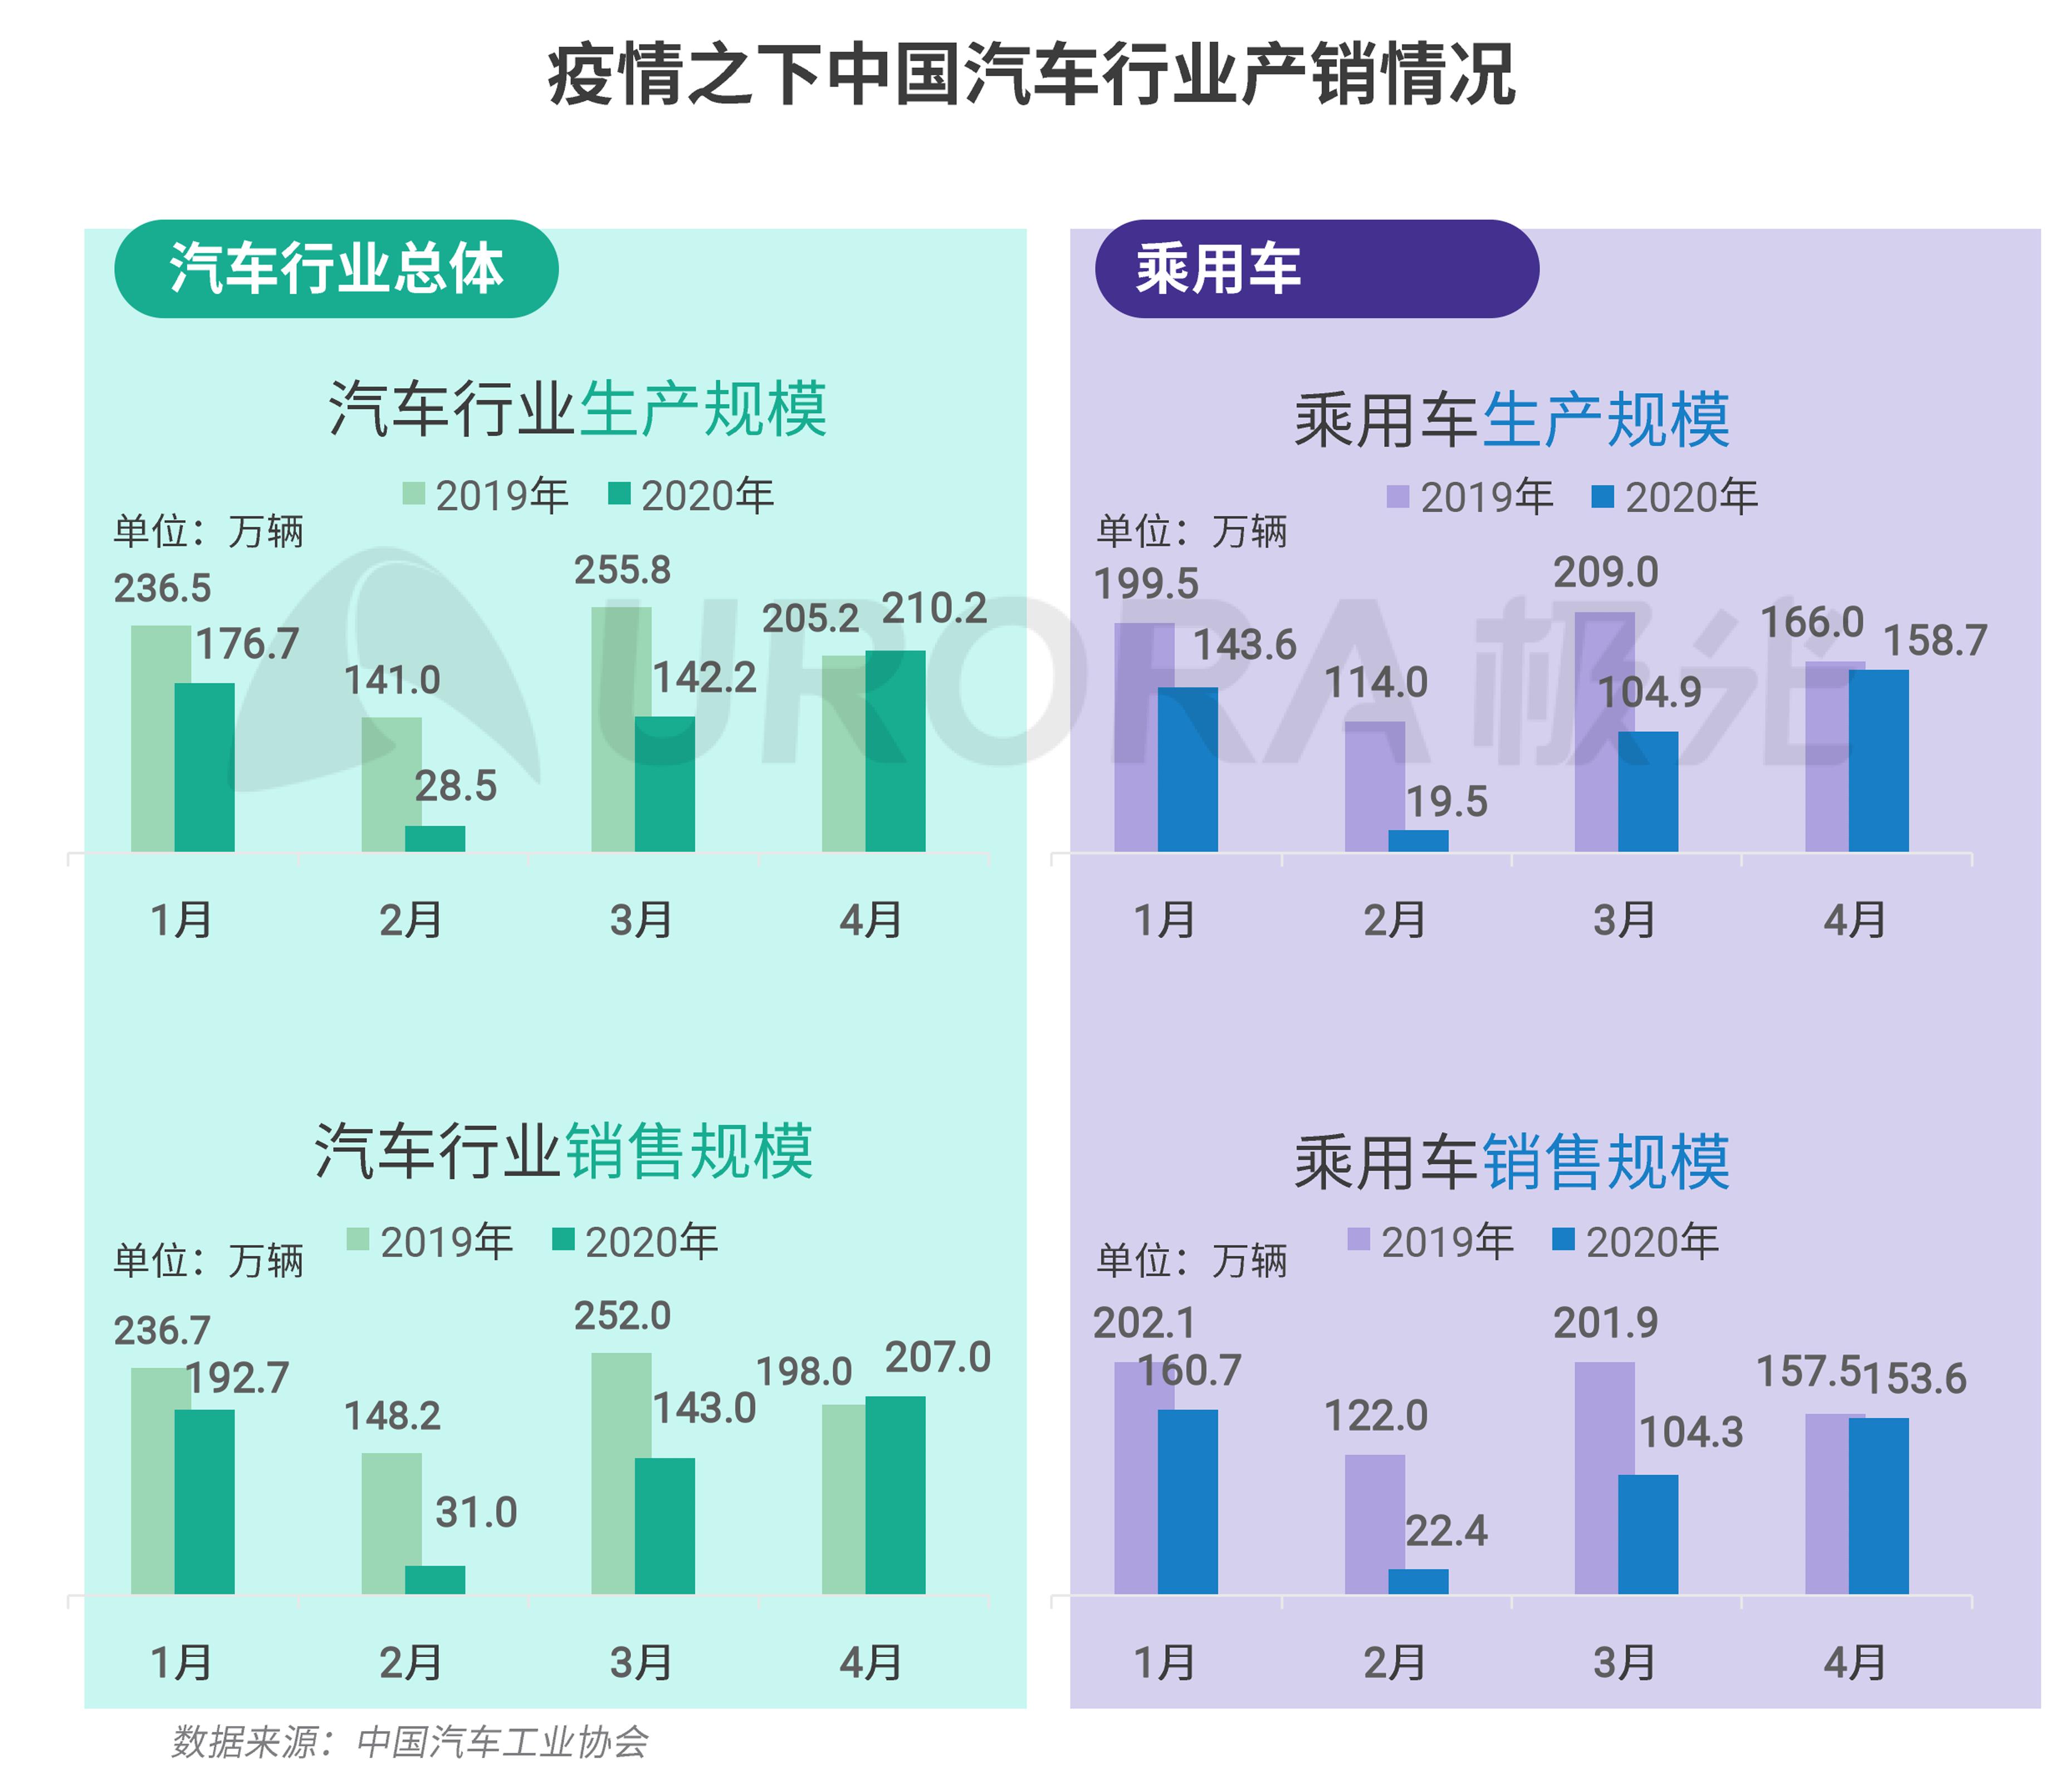 极光:汽车产业新格局 (3).png